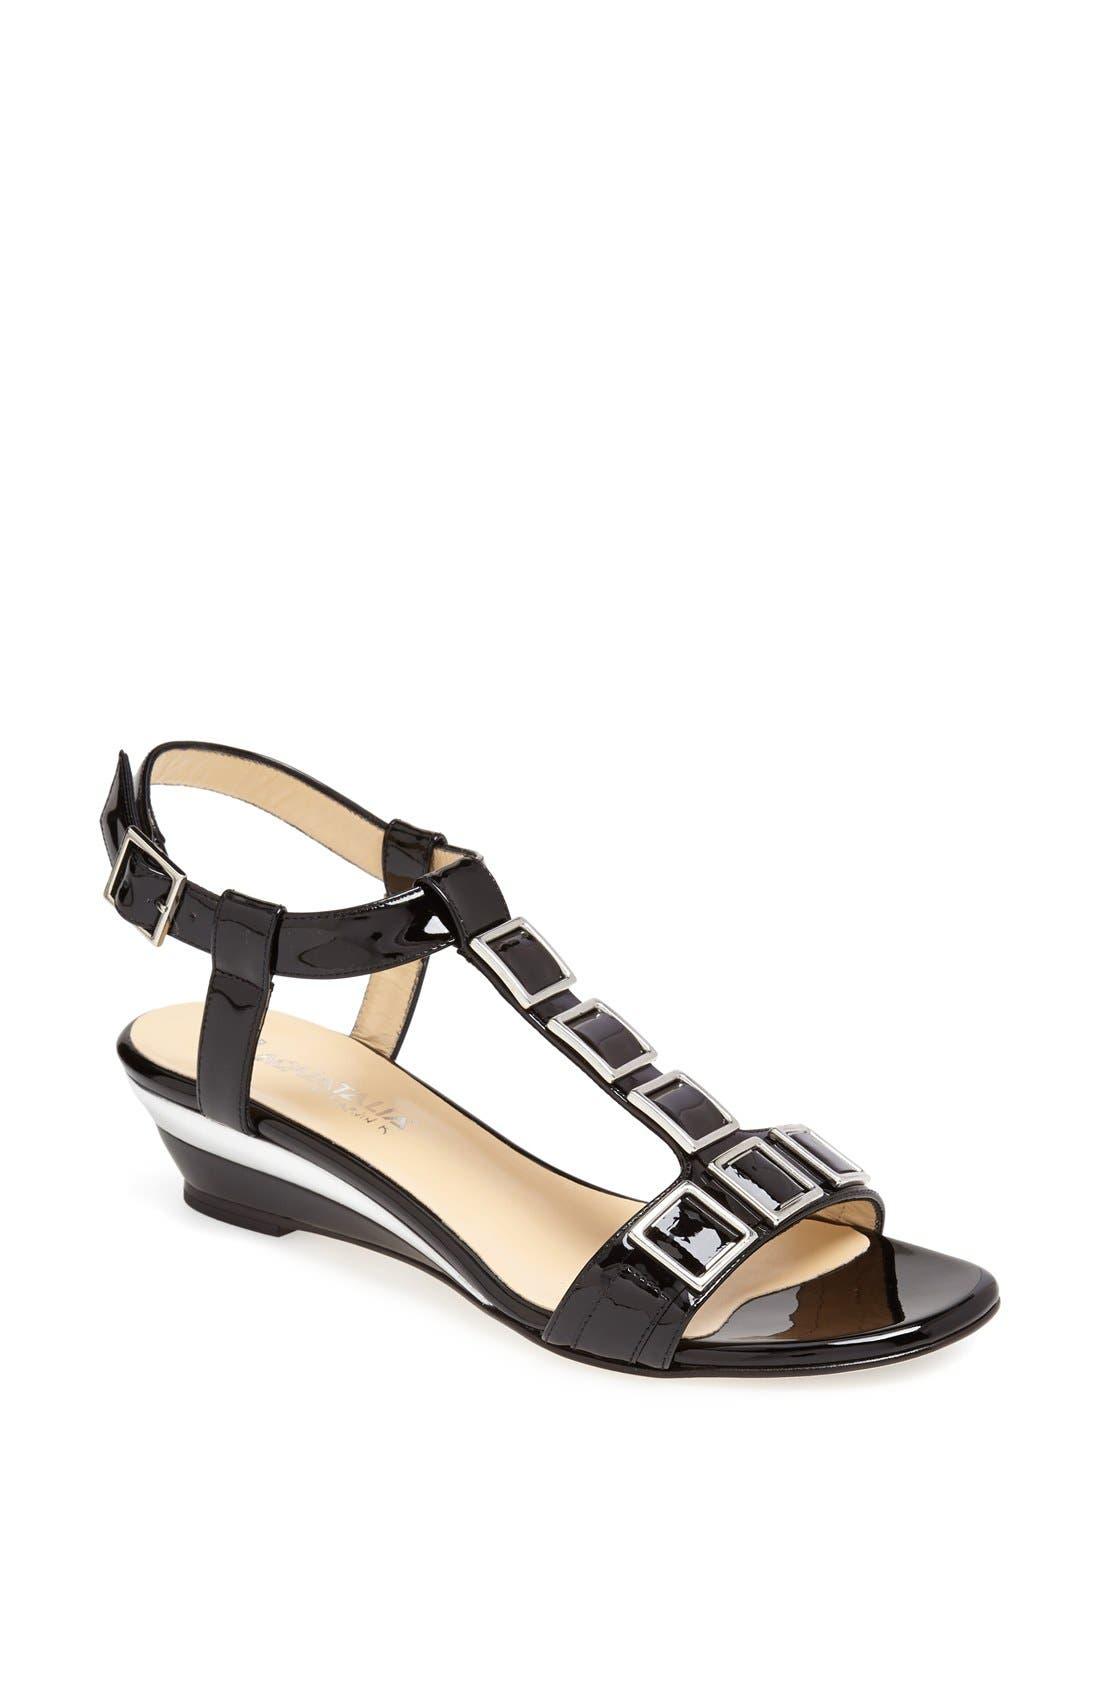 Main Image - Aquatalia 'Nella' Sandal